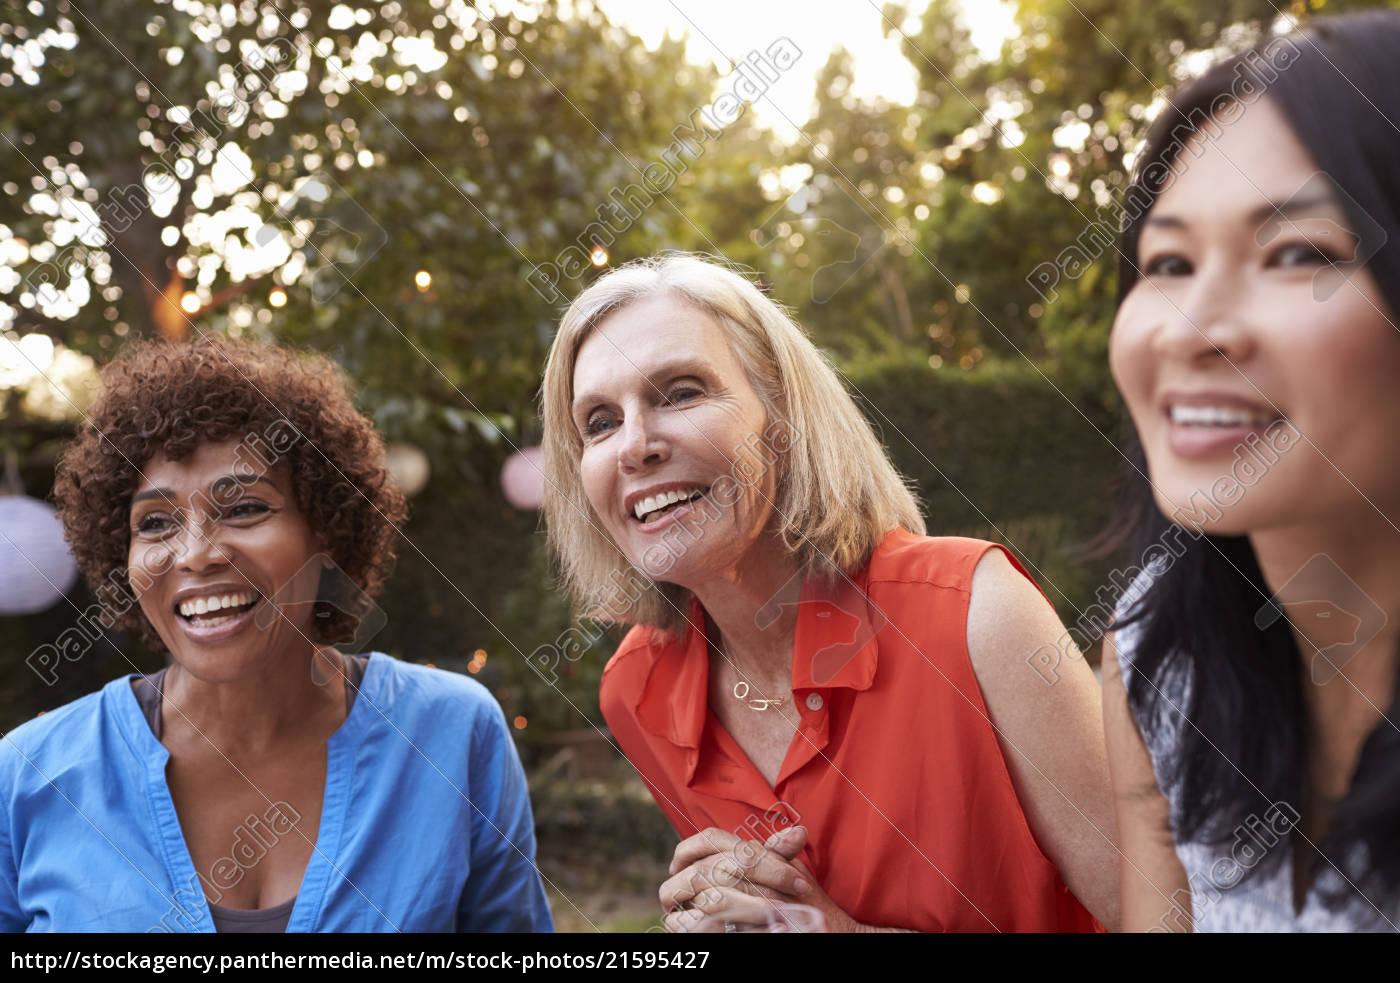 Amigas Maduras royalty free imágen 21595427 - amigas maduras socializando en el patio  juntos